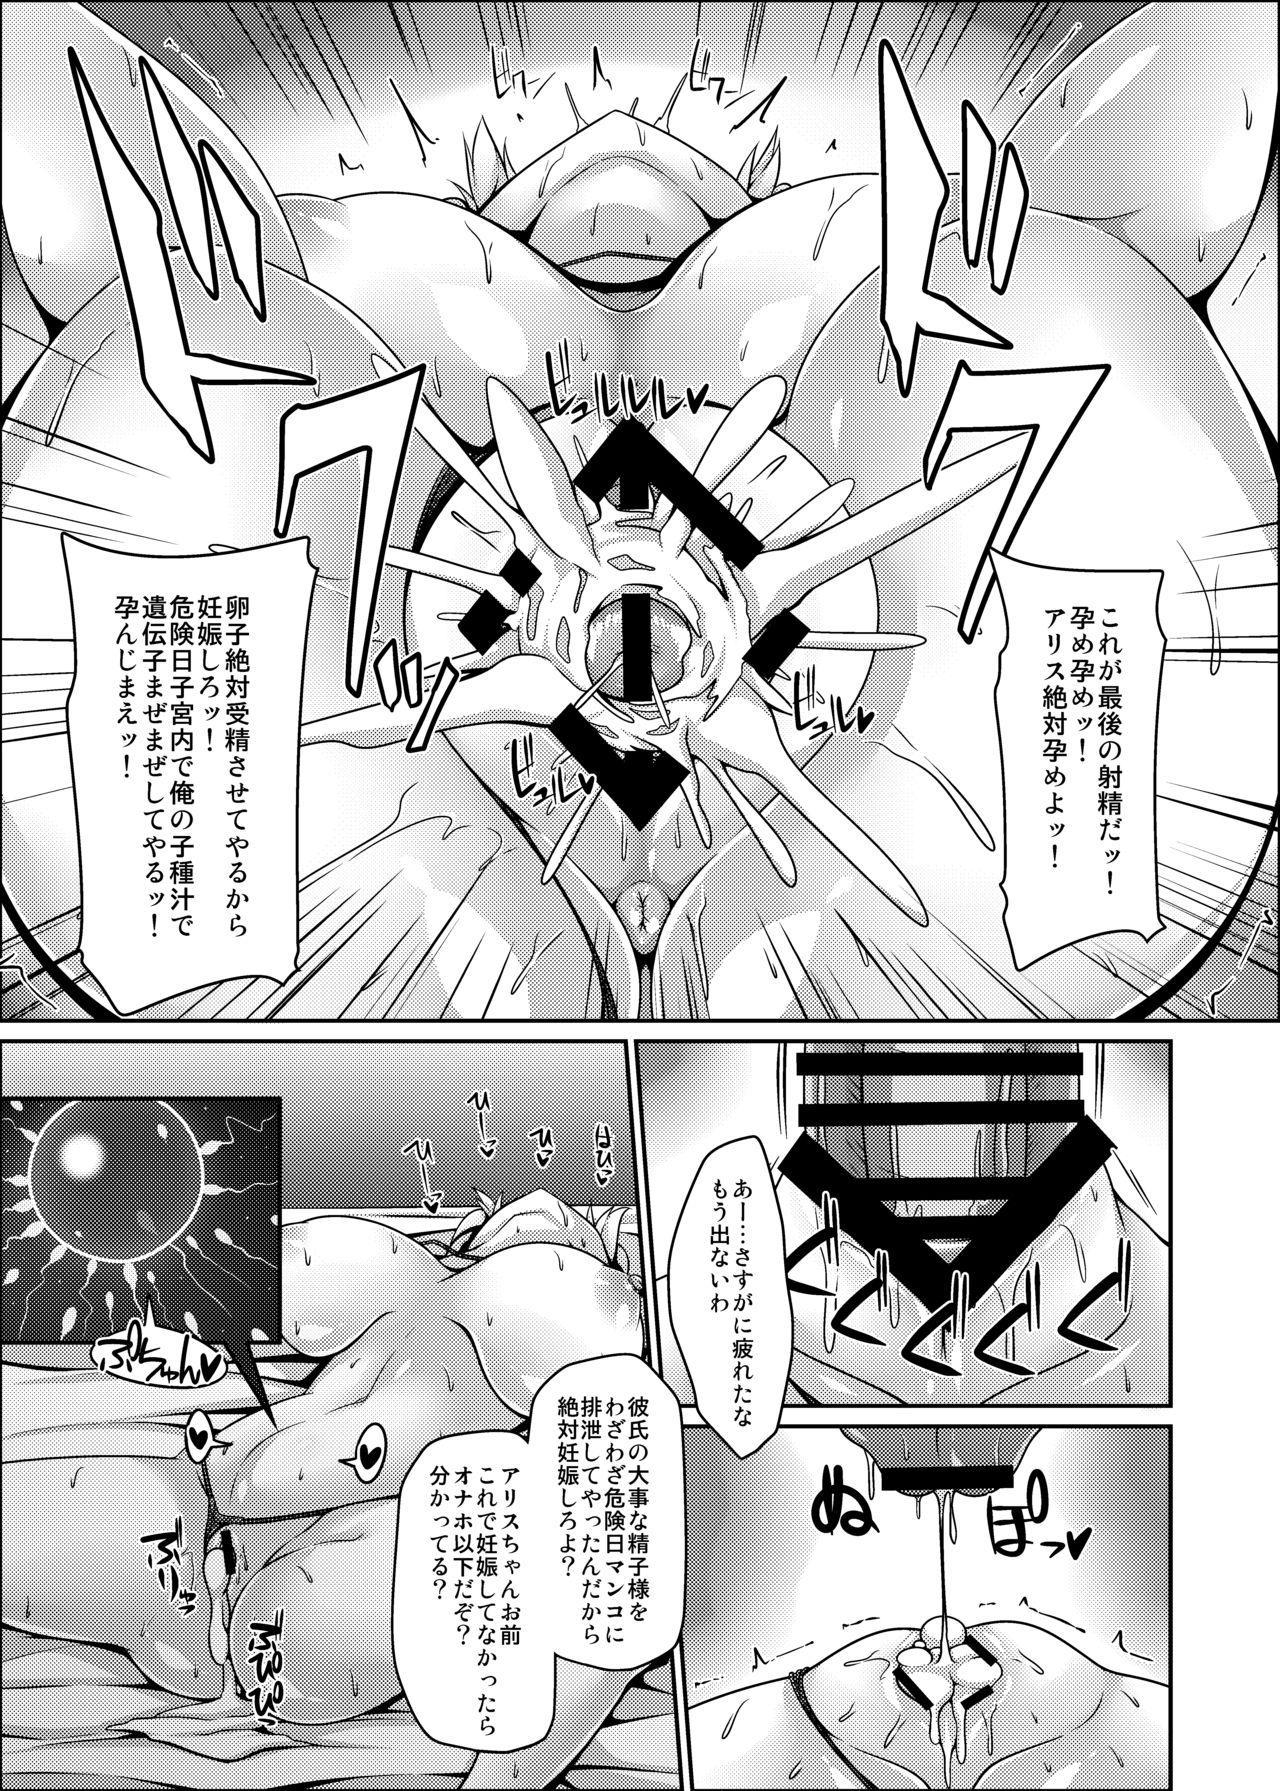 Nagasare Arisu wa Choro Kute Kantan ni Haran jau 25